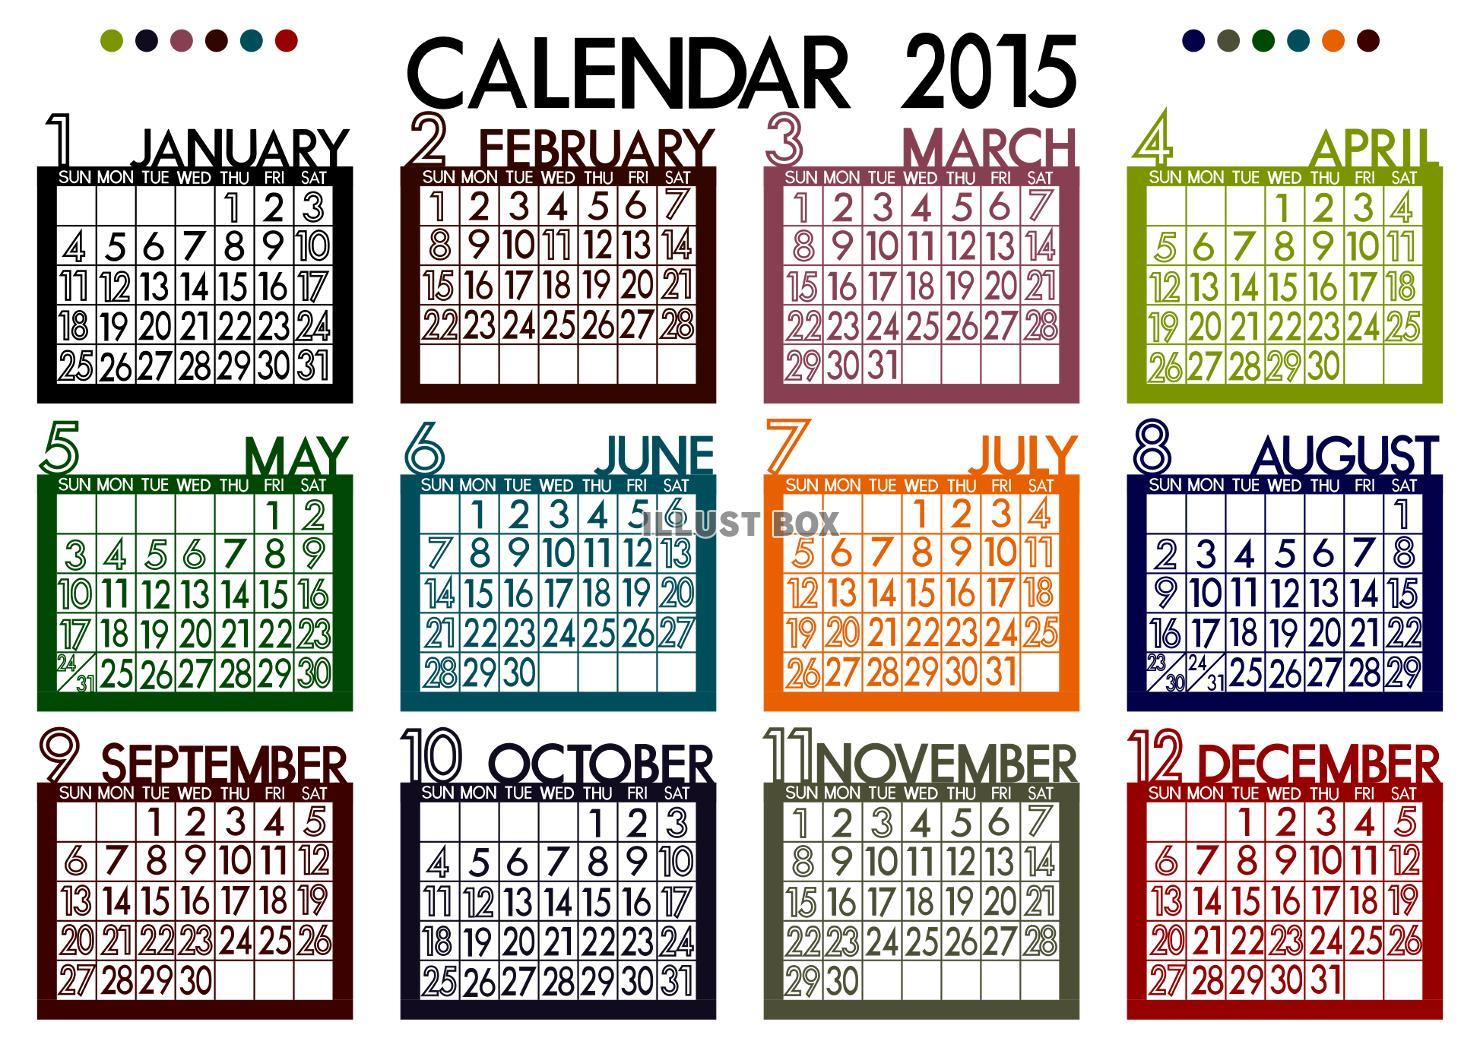 カレンダー カレンダー 2015 a4 横 : 2015年カレンダーlenfriedオマンコ ...